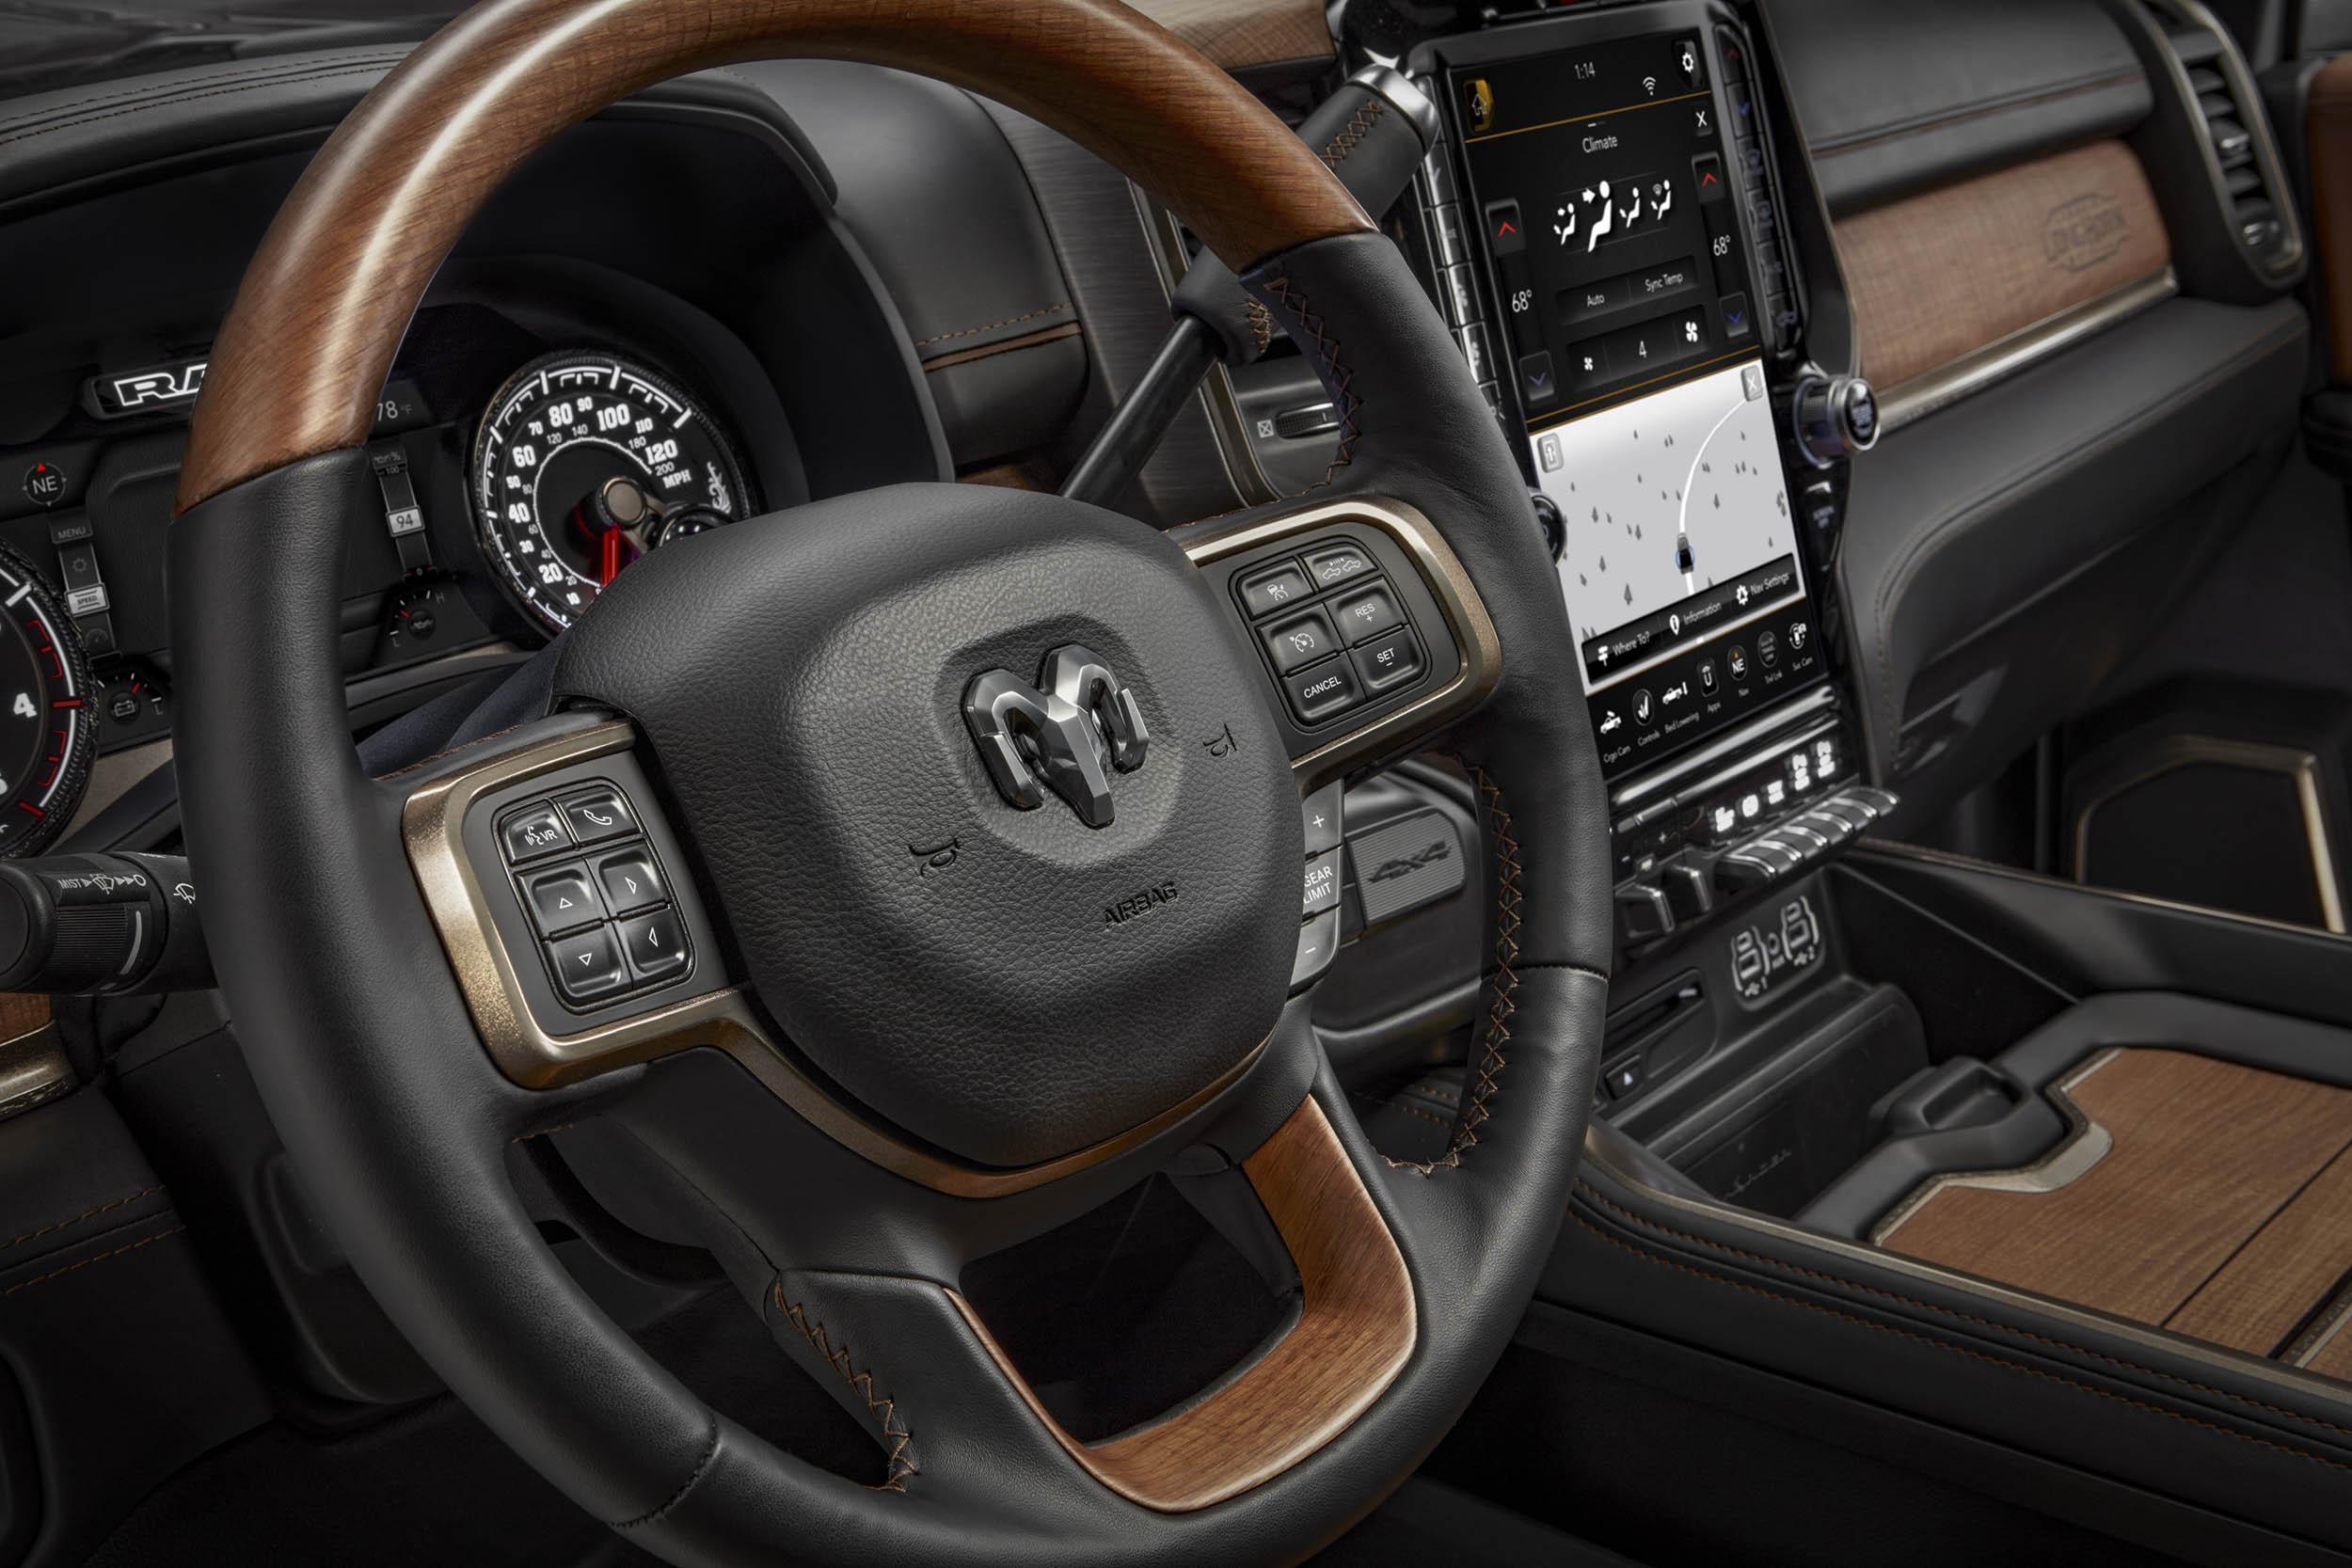 2019 RAM 2500 LongHorn steering wheel